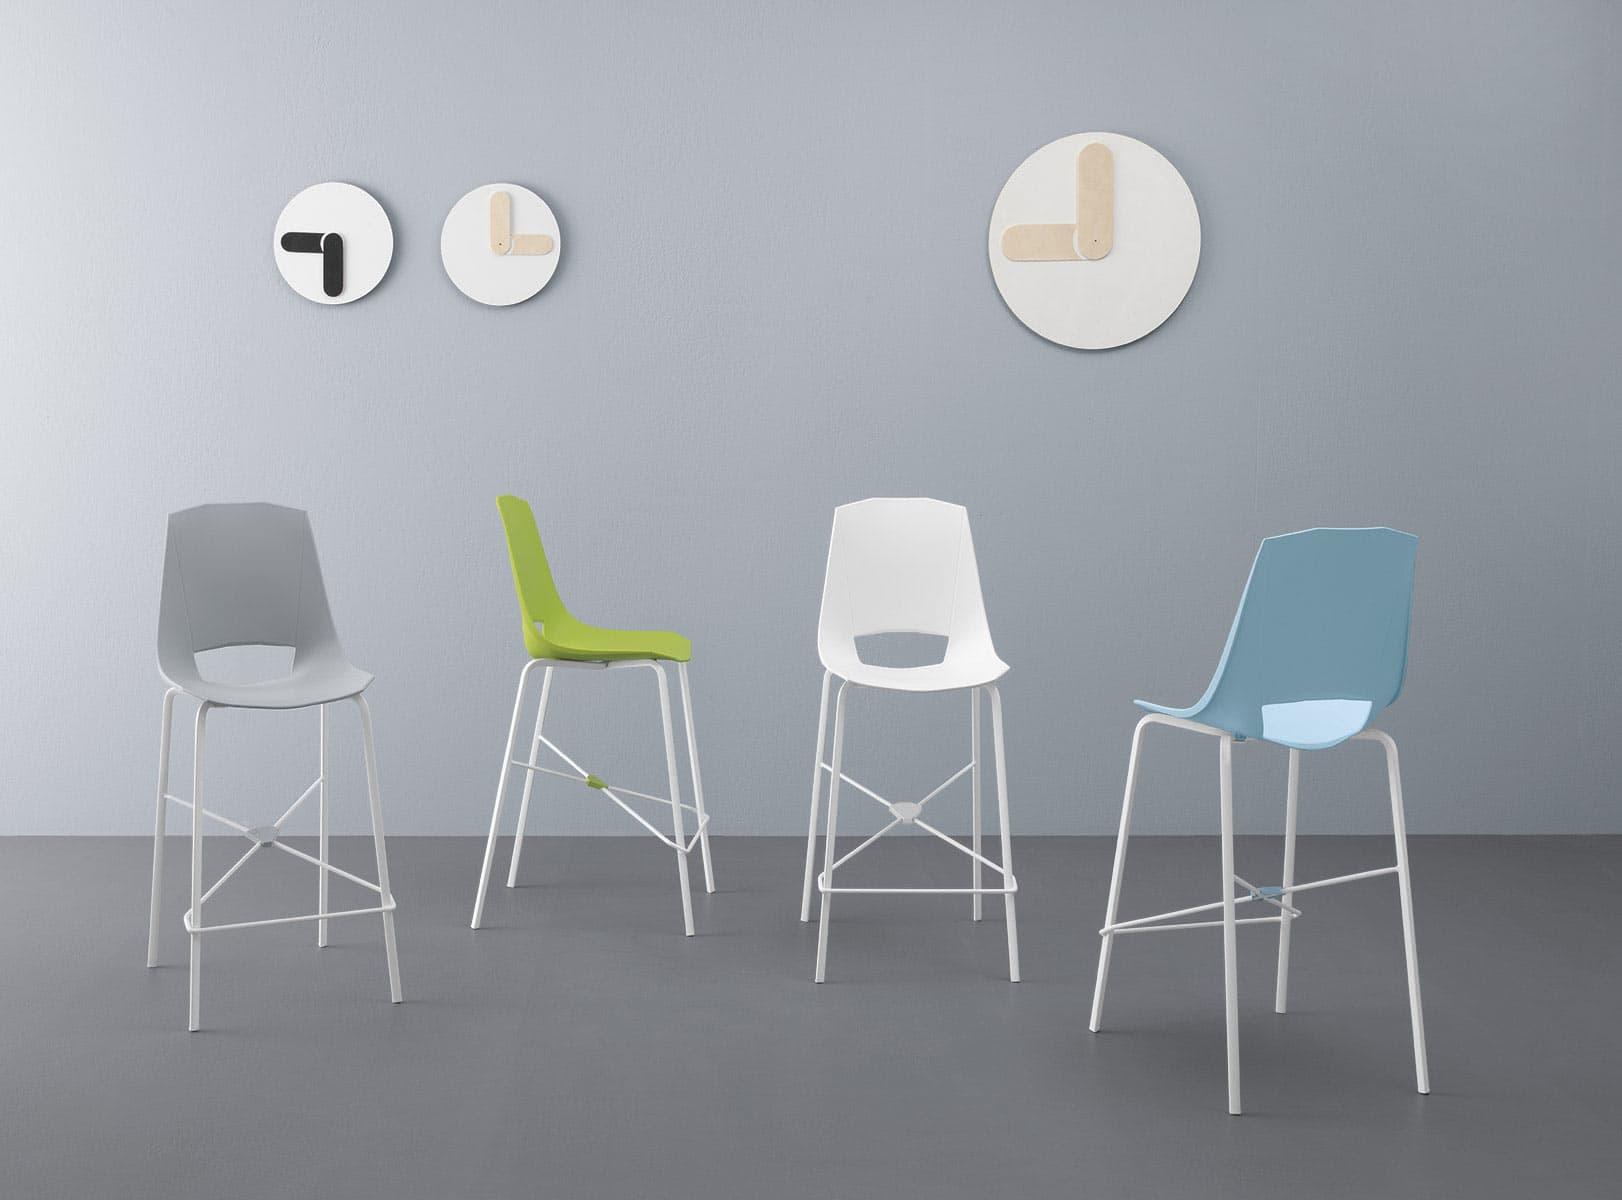 Sgabelli Colorati Interior Design.Tavoli Sedie E Sgabelli Arredamento A Monclassico